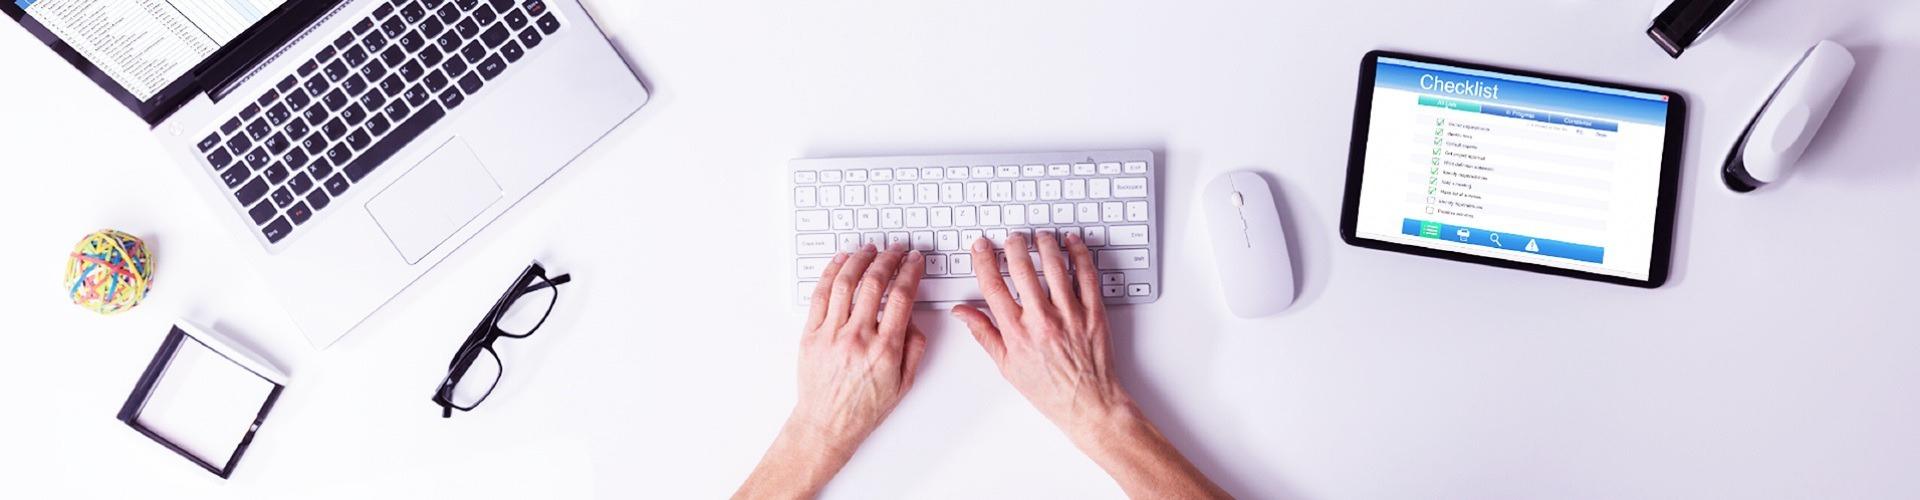 Kukkantsunk be egy tanári kar online értekezletére!